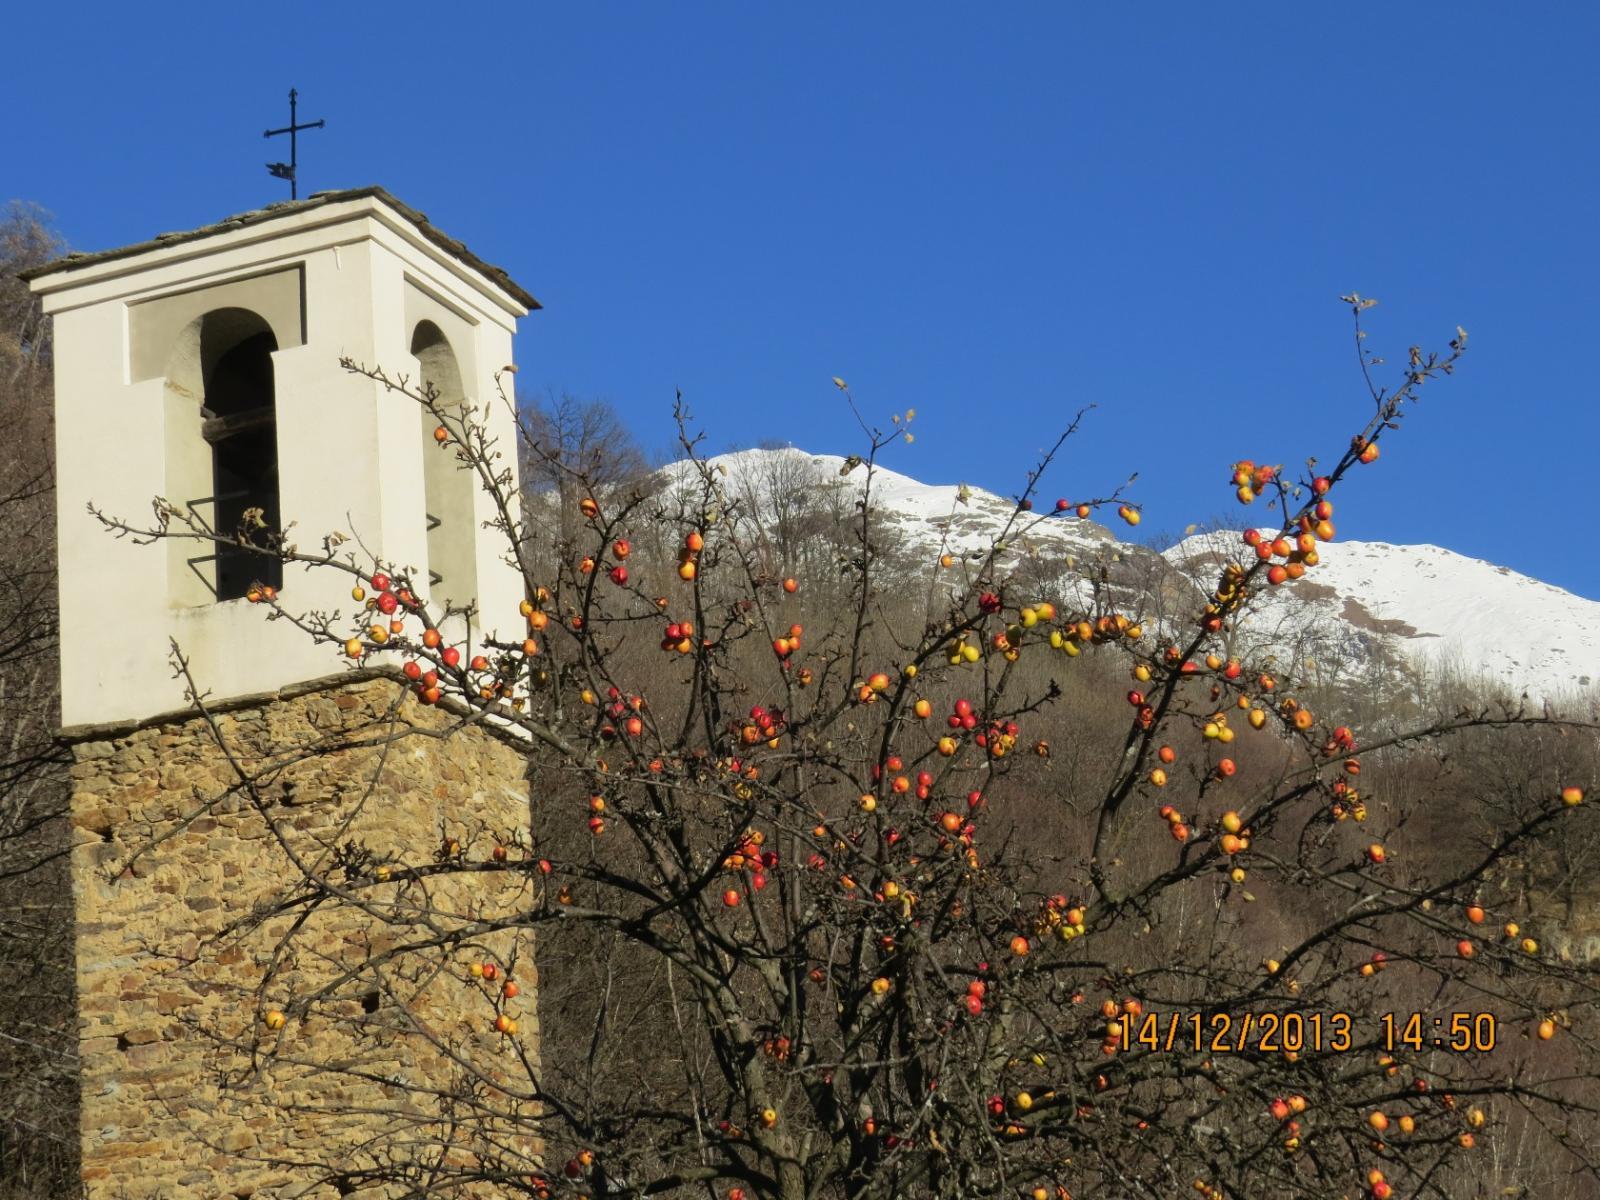 Mele farminej a San Domenico